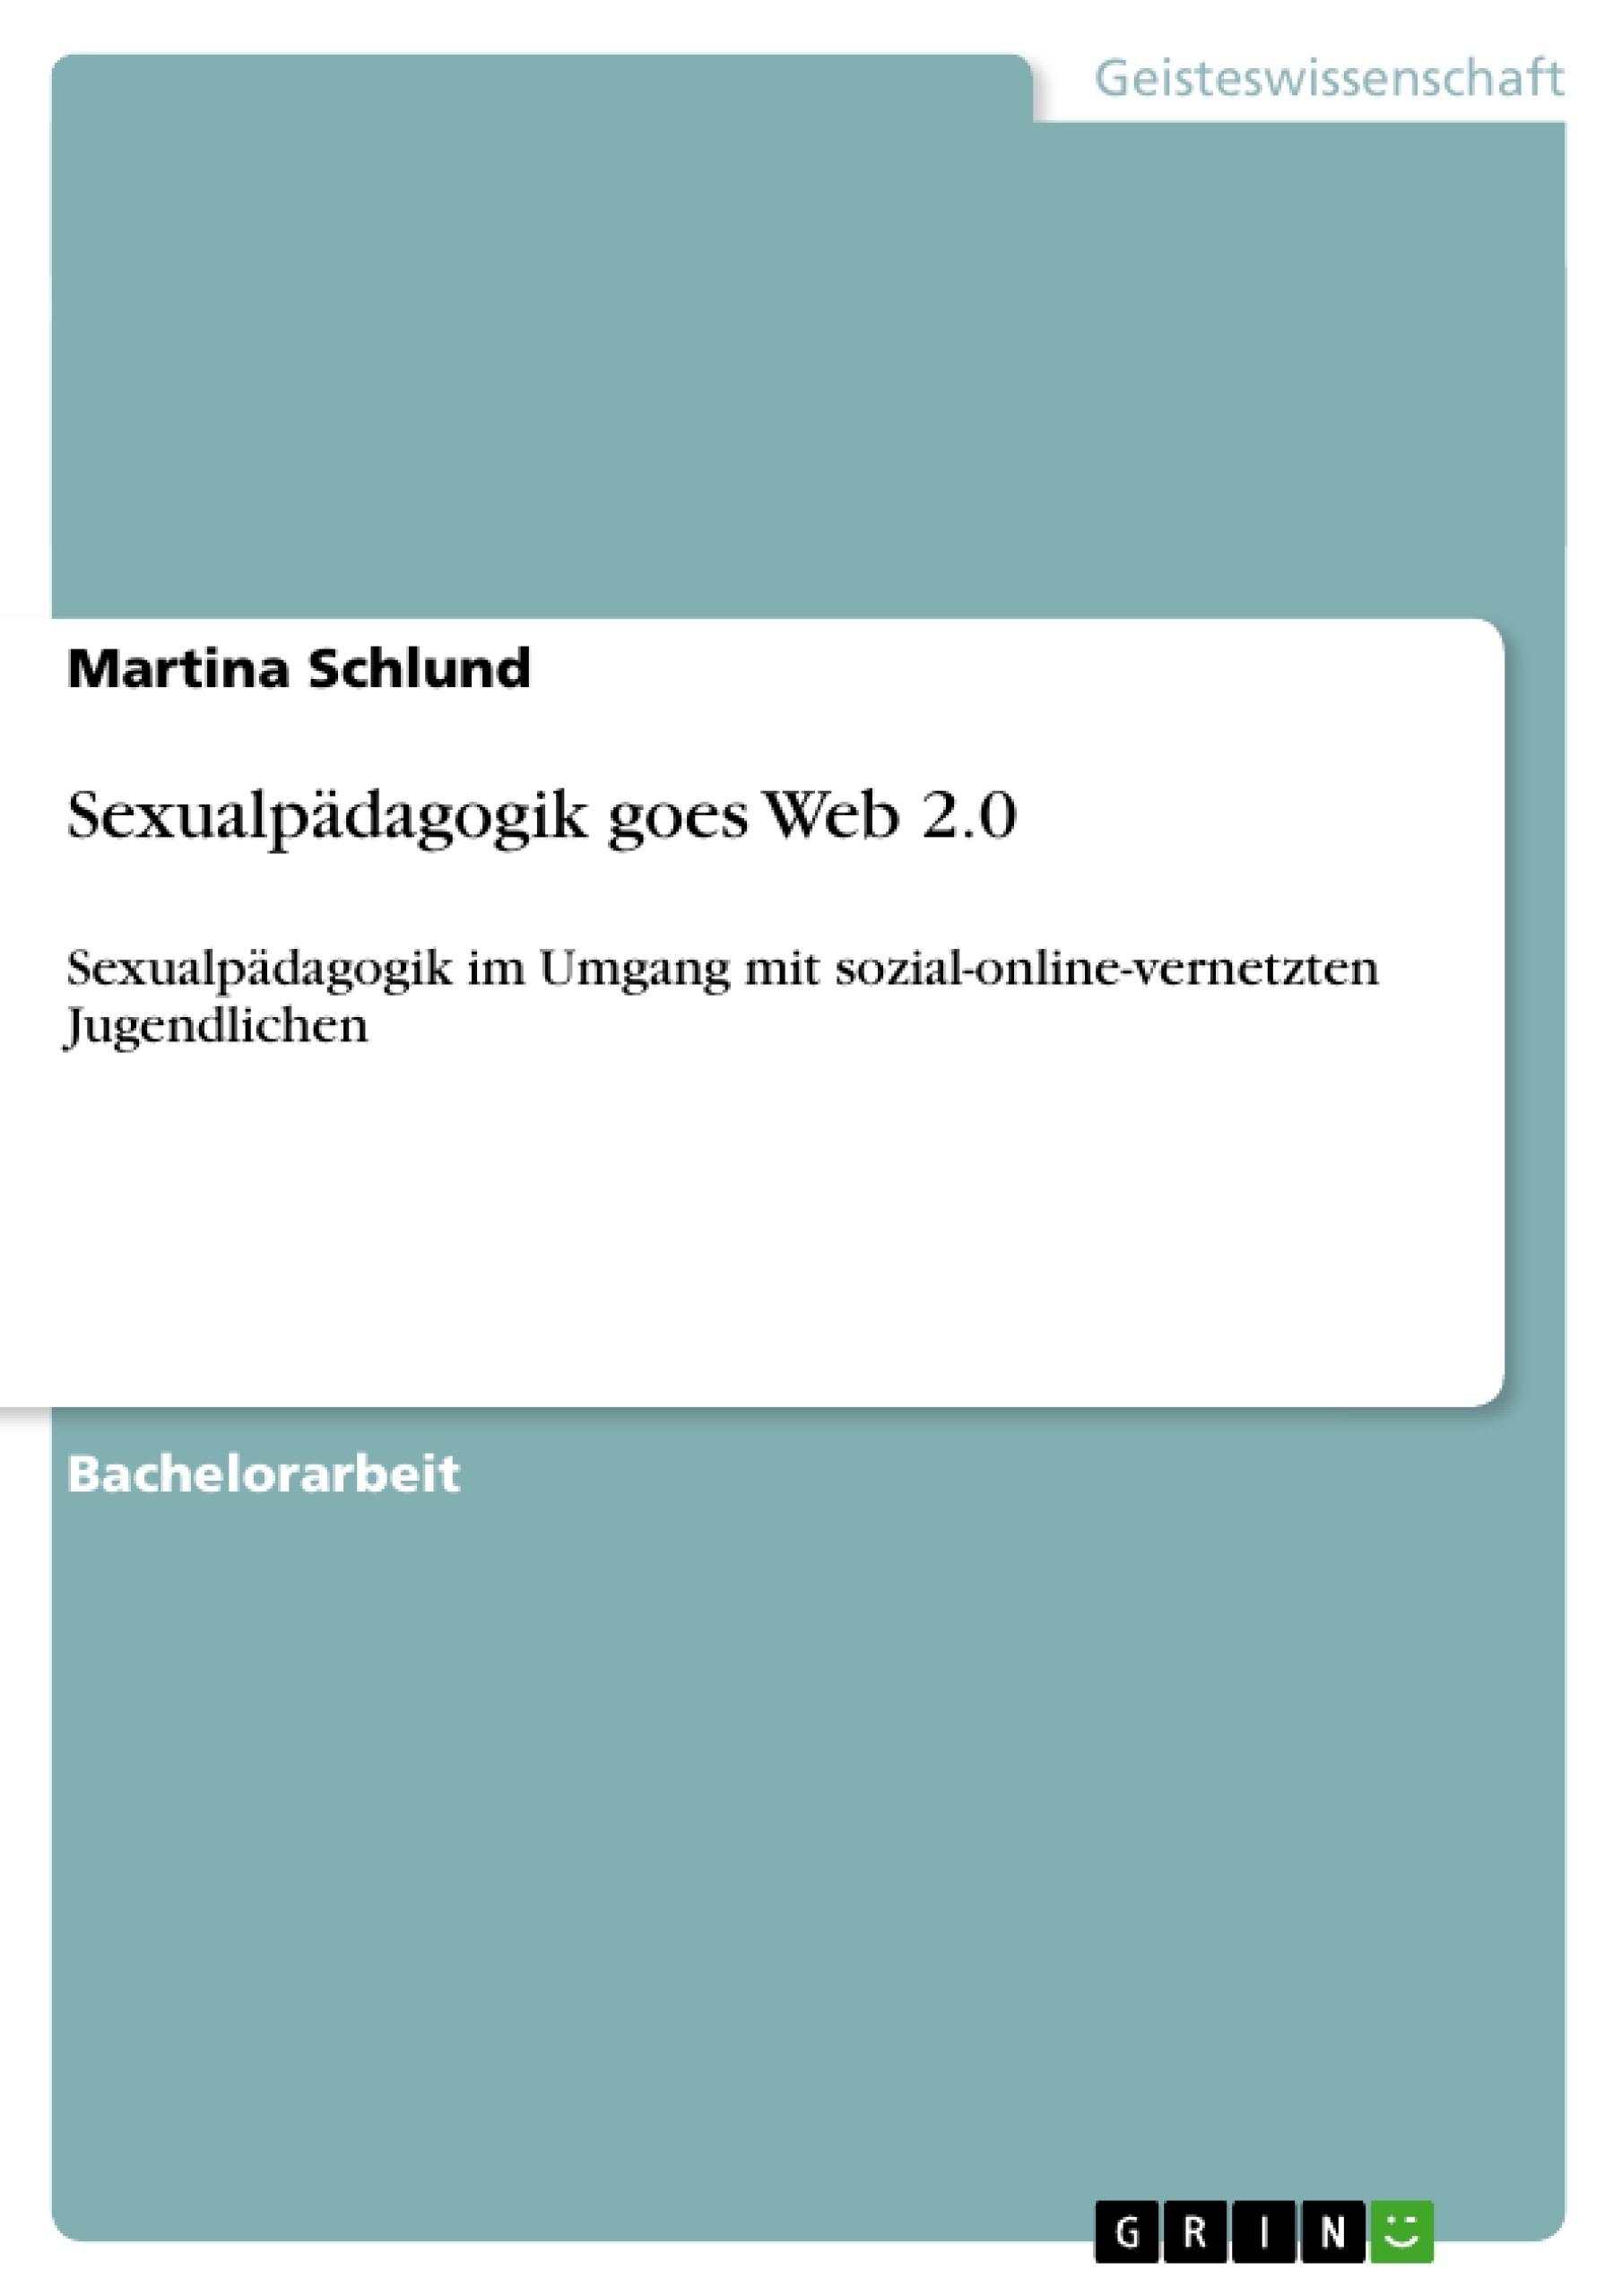 Titel: Sexualpädagogik goes Web 2.0